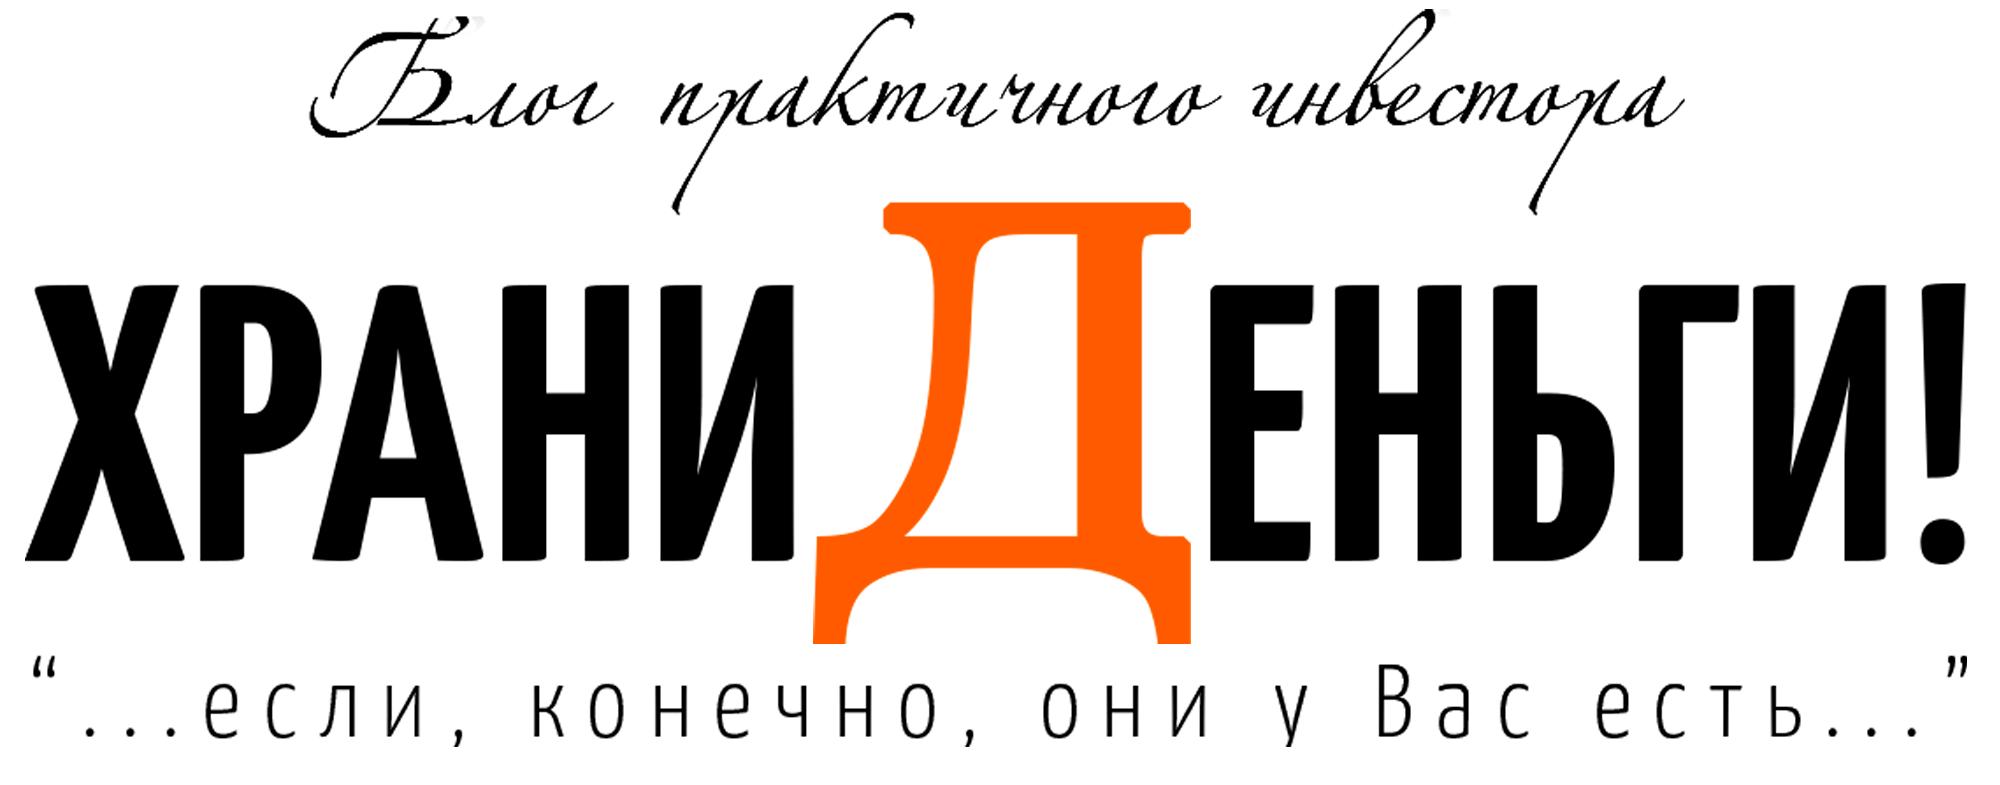 русфинанс банк бланк почтового перевода